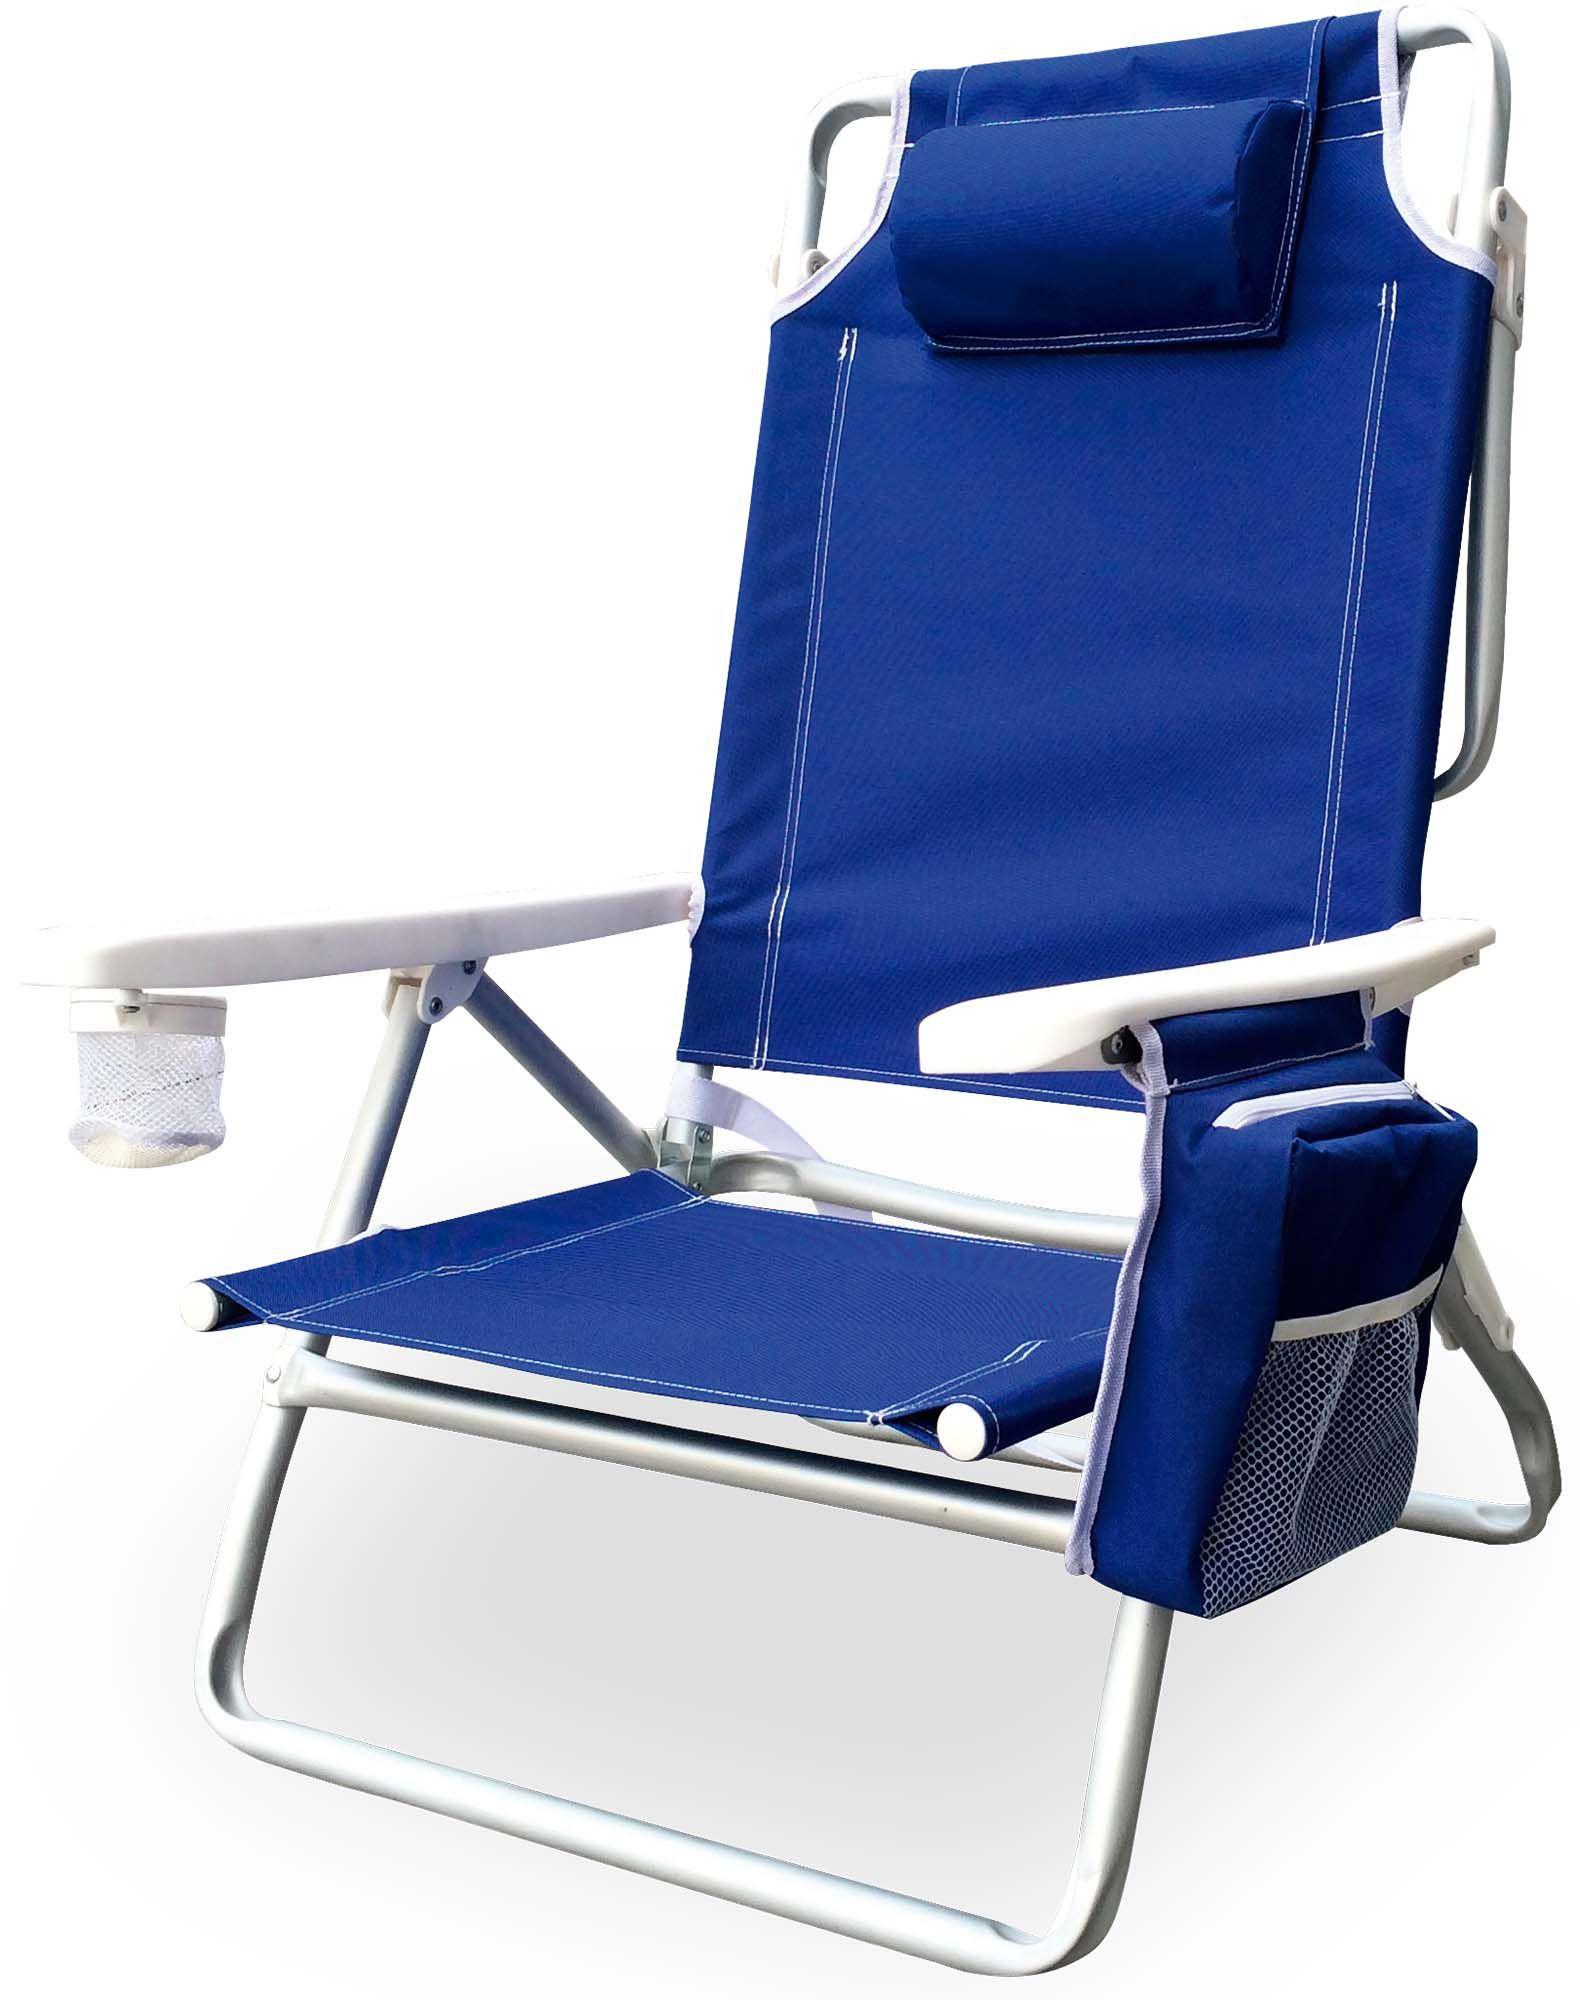 Cadeira de Praia Dobrável e Reclinável com Bolsa Térmica e Porta Copo Azul - Kala